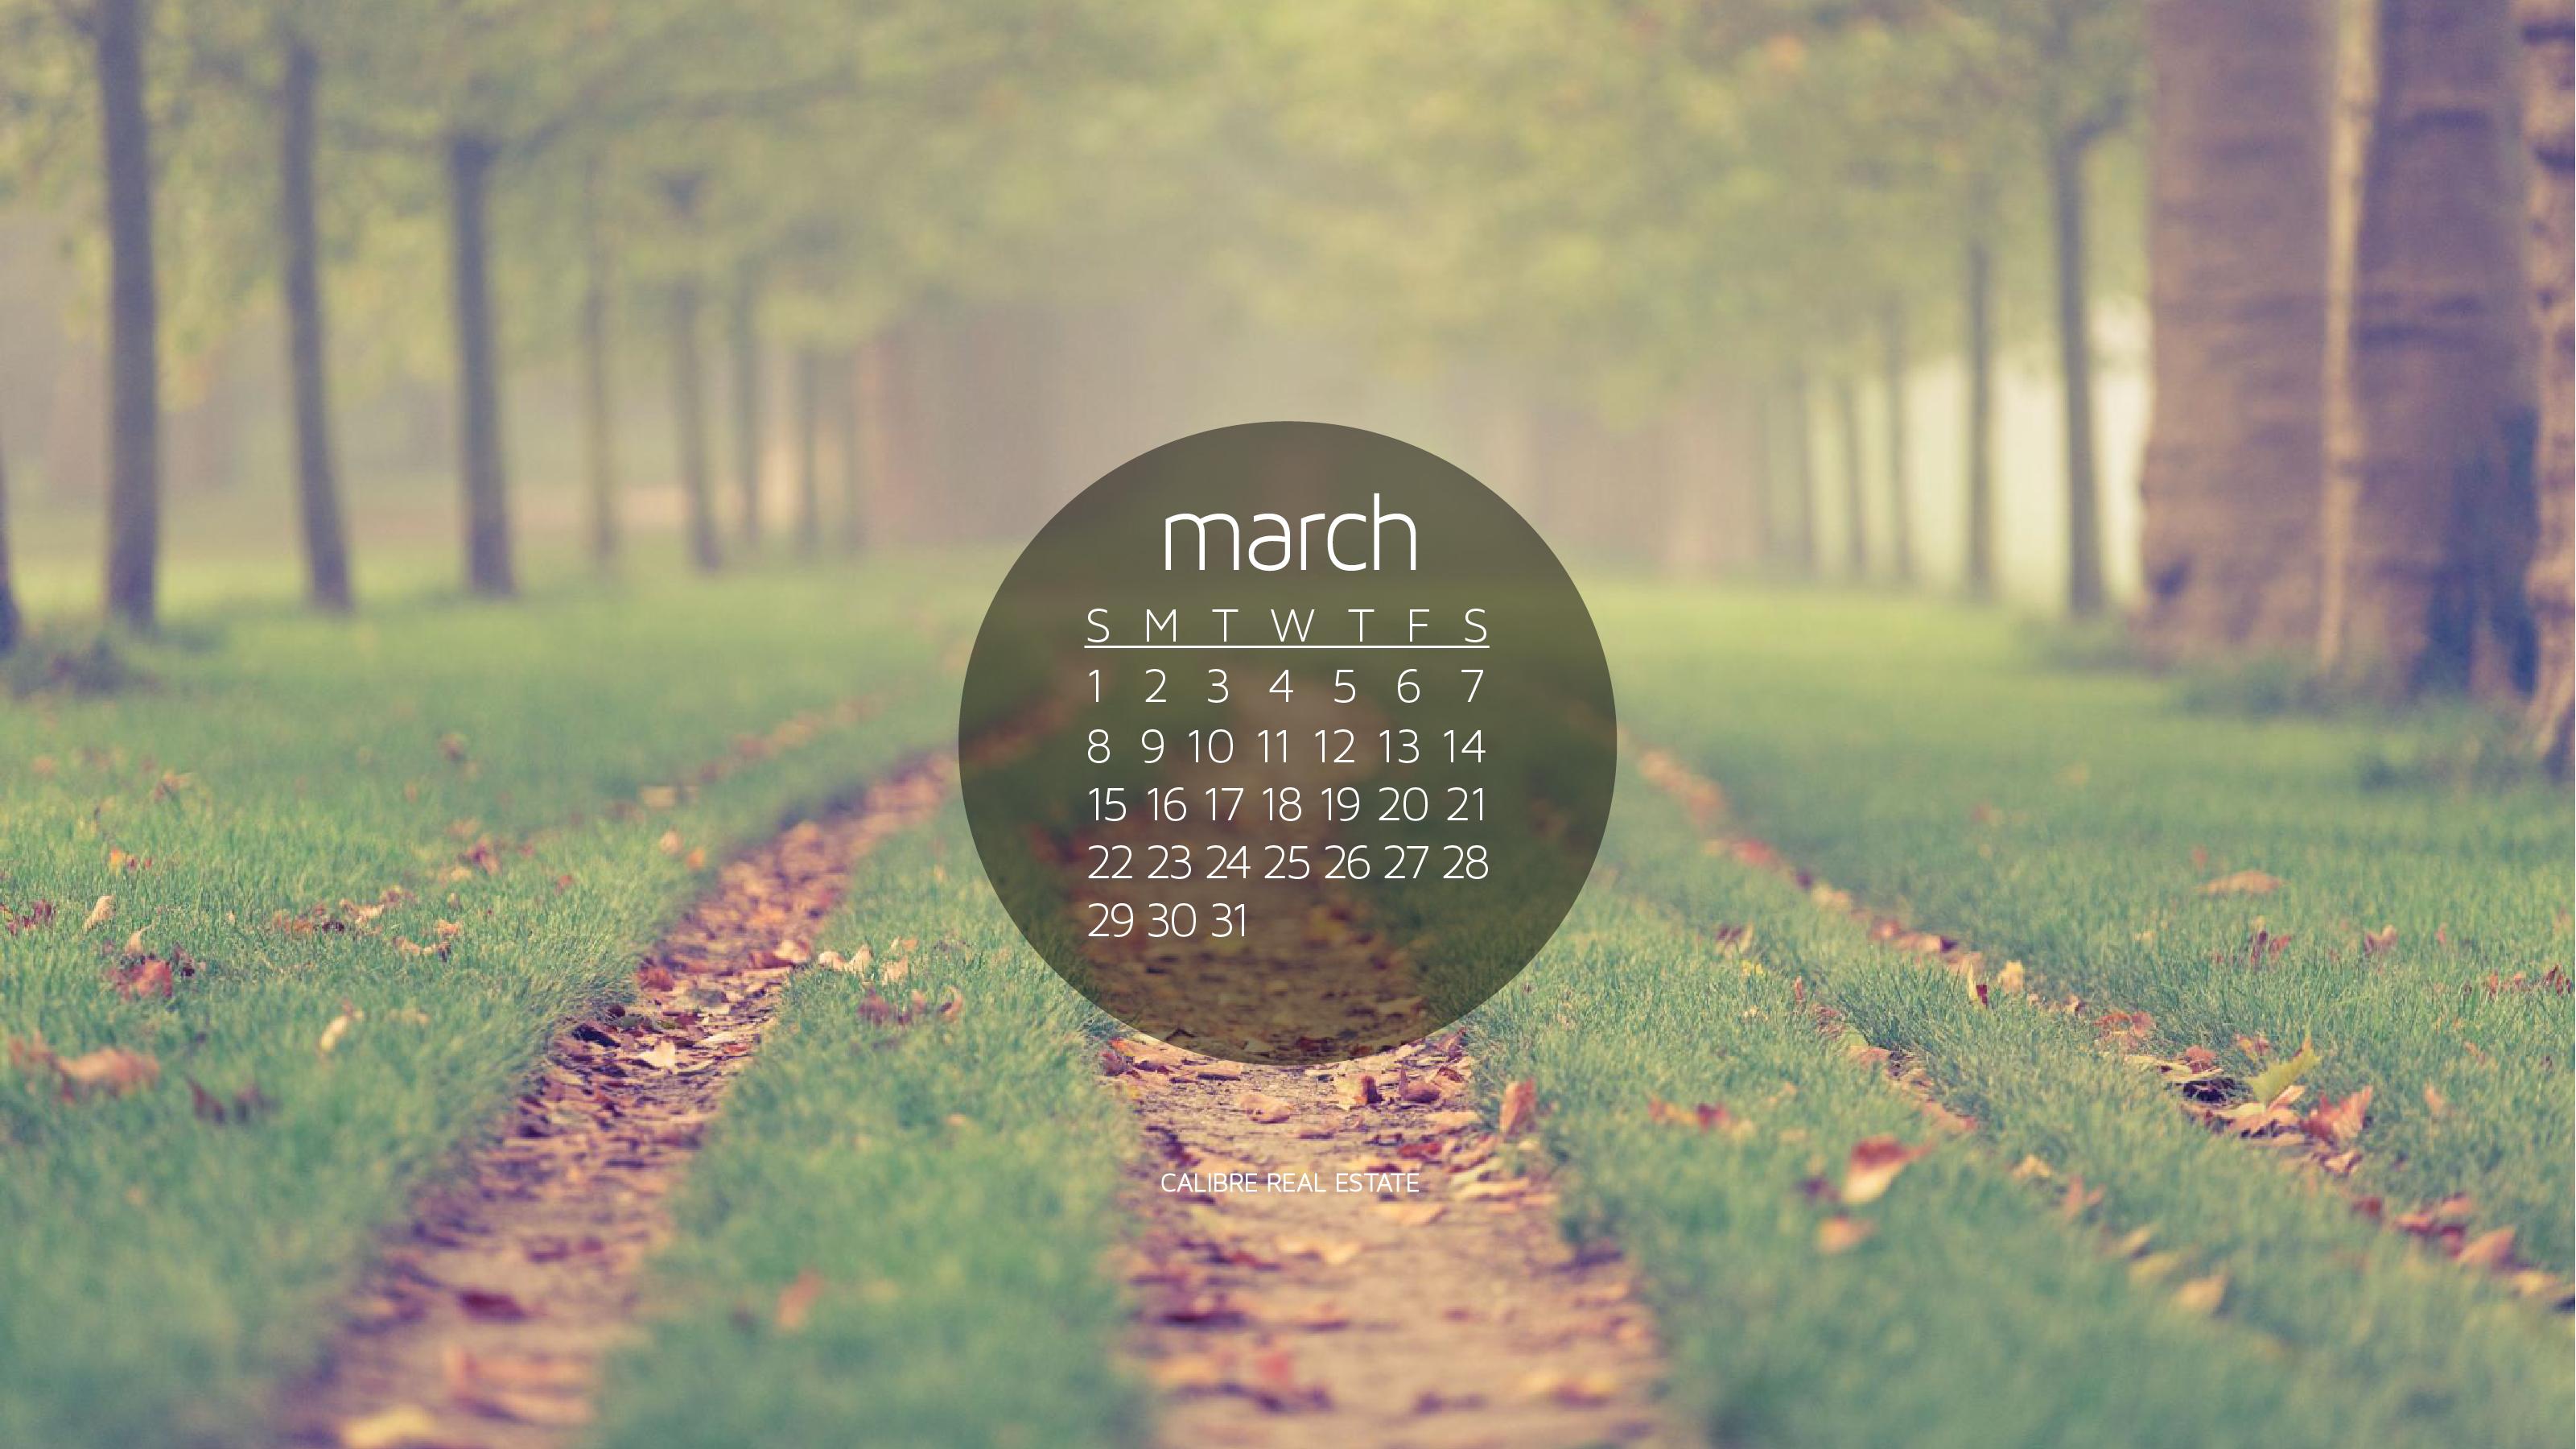 March Calendar Wallpaper Hd : March calendar wallpaper calibre